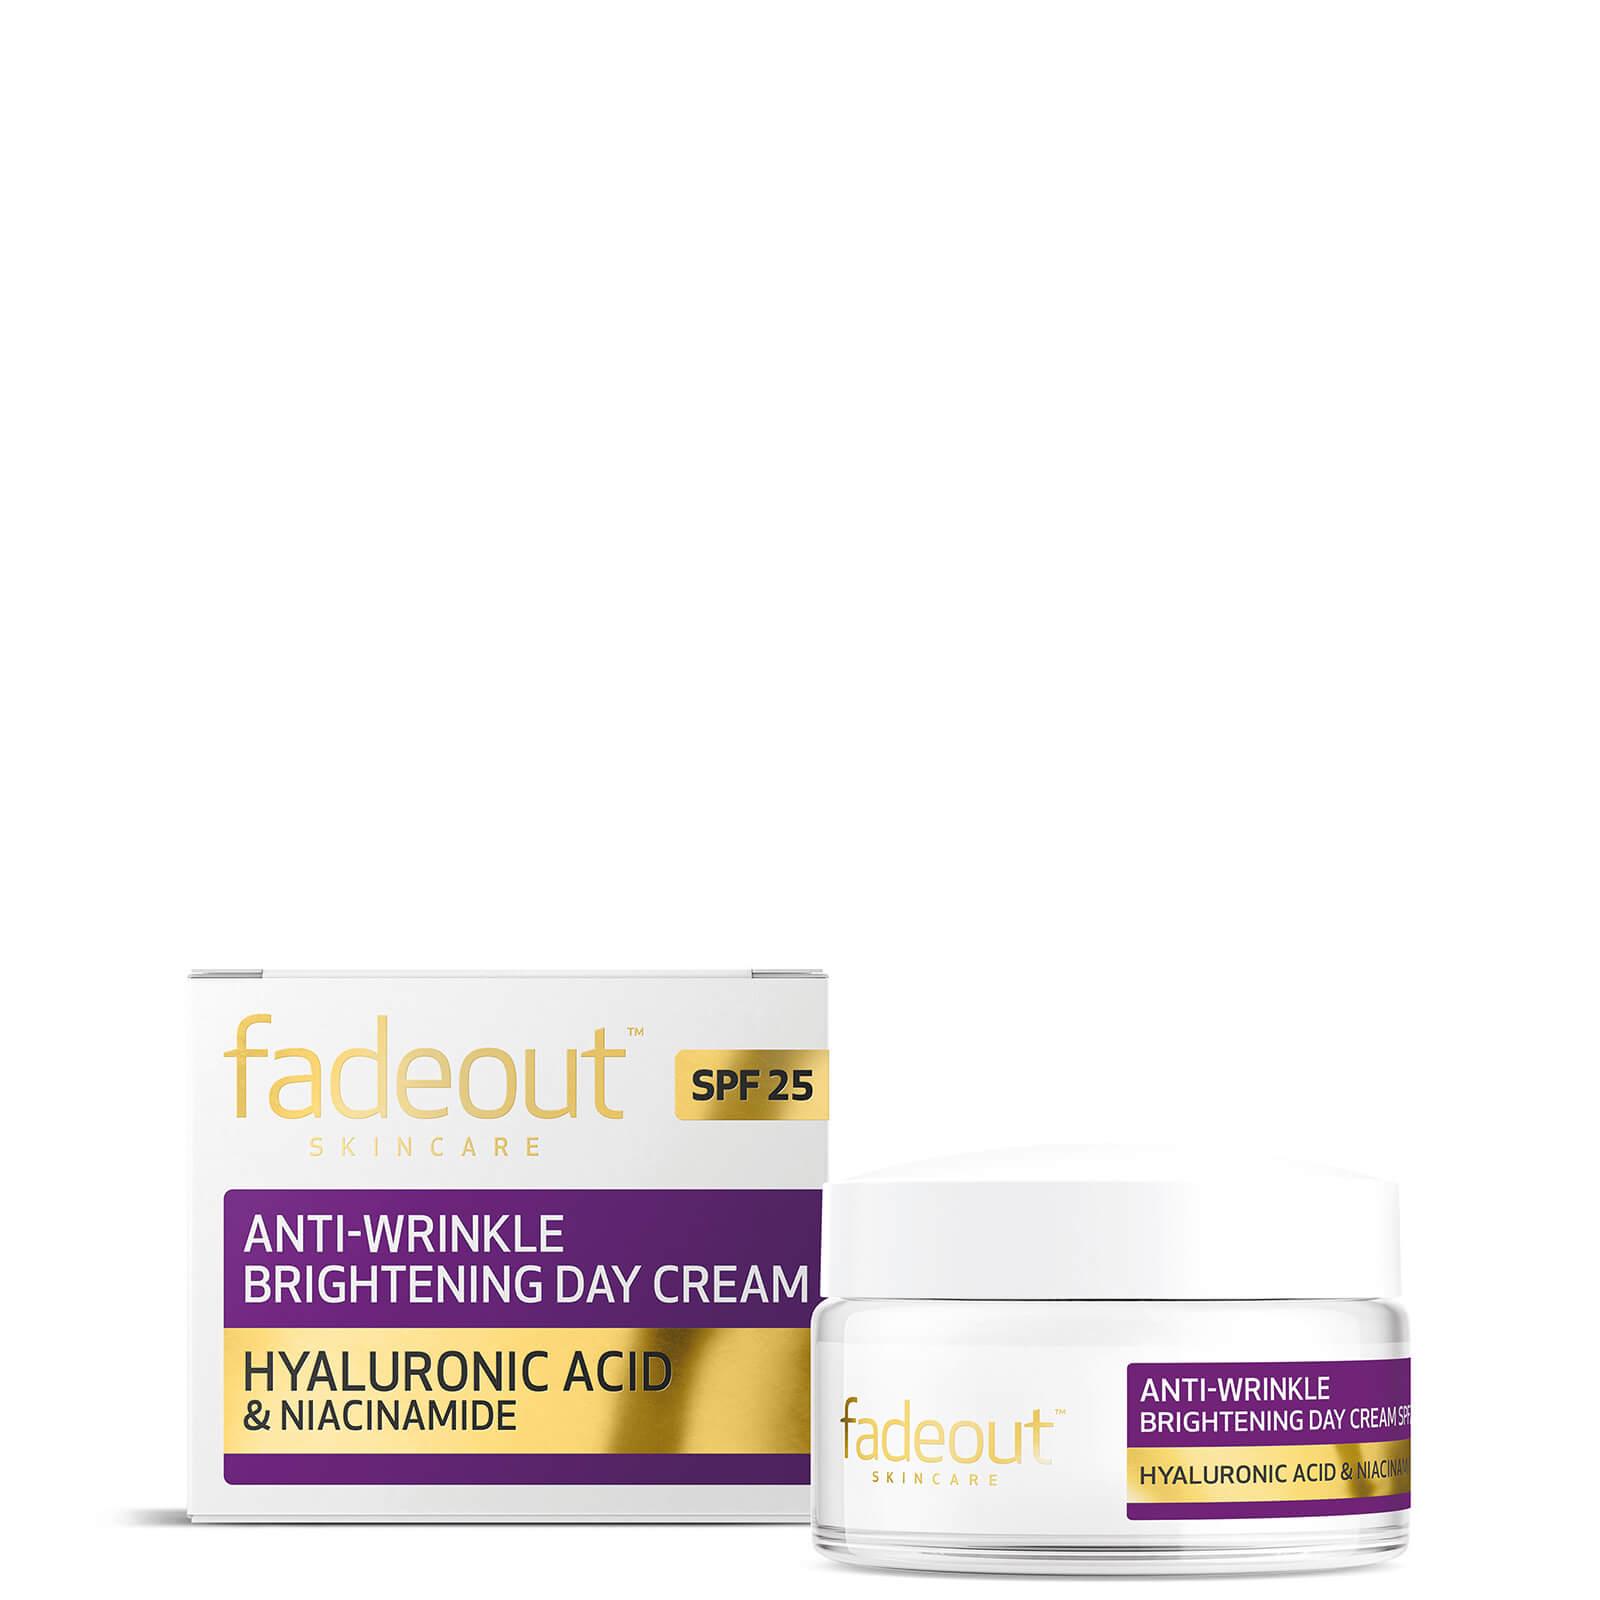 Купить Антивозрастной дневной крем для выравнивания тона кожи Fade Out ADVANCED + Age Protection Even Skin Tone Day Cream SPF 25 50 мл